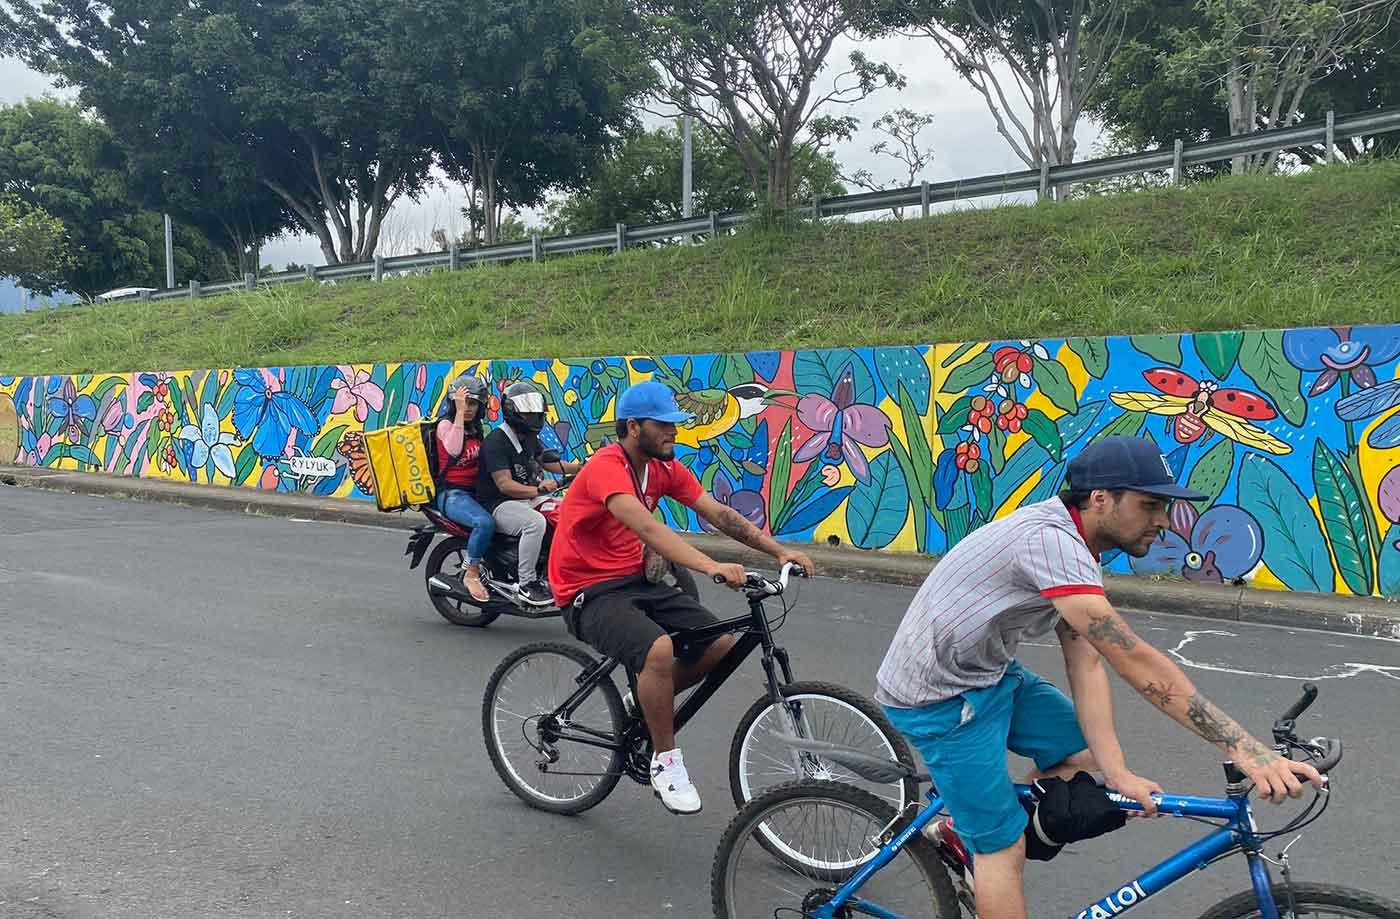 people crossing in front of rylyuk mural